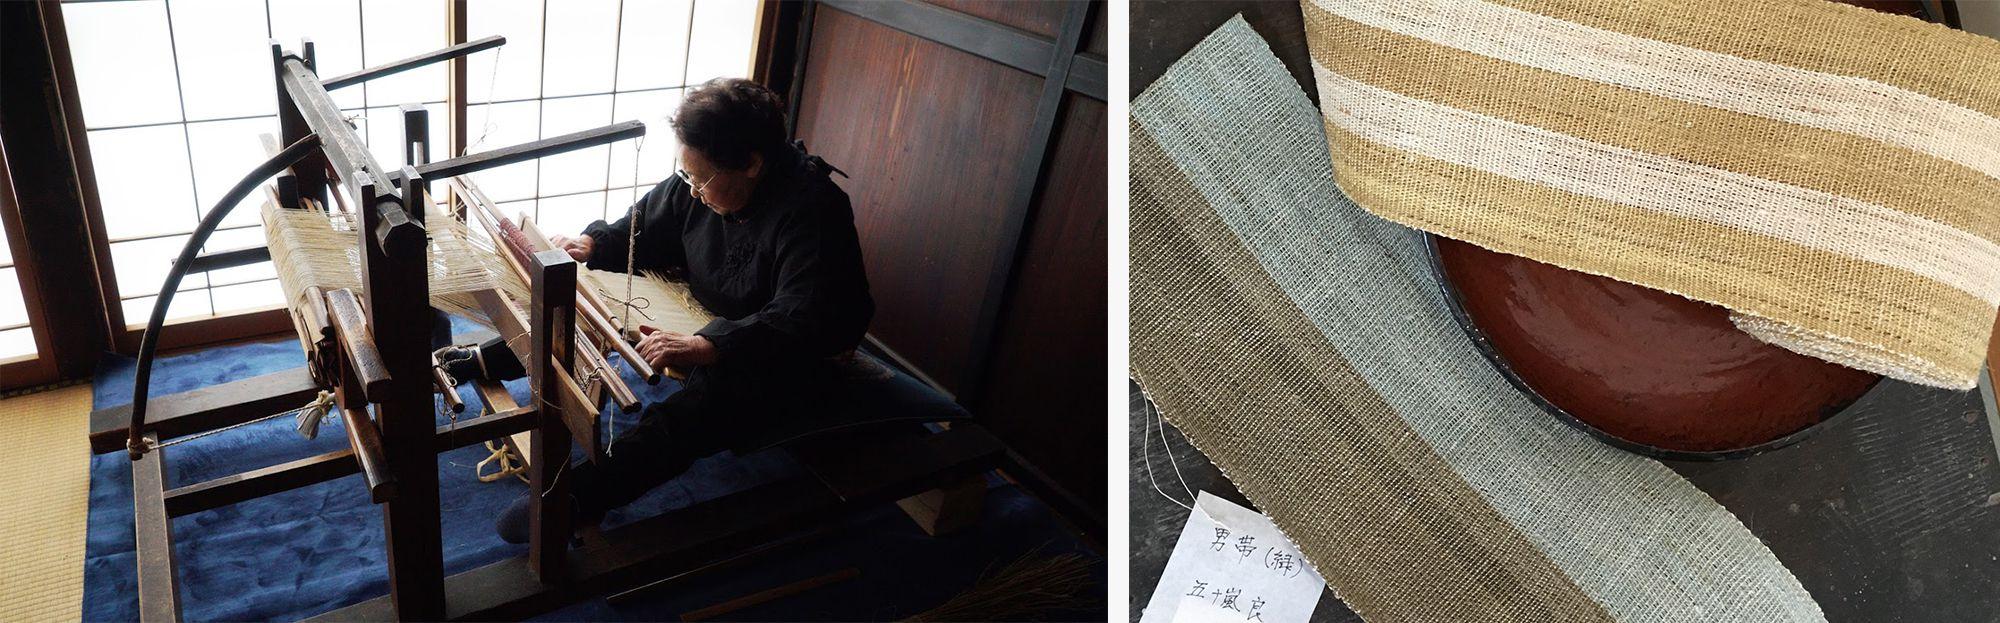 経糸が一定の張り具合で保たれる高機と違い、地機の場合、織る人のからだで経糸の張りが調整されるため、布に自然な風合いが生まれる。 写真提供:昭和村写真右五十嵐良が織った男帯。手仕事のあたたかみが感じられる。Photography by MasakoSuda